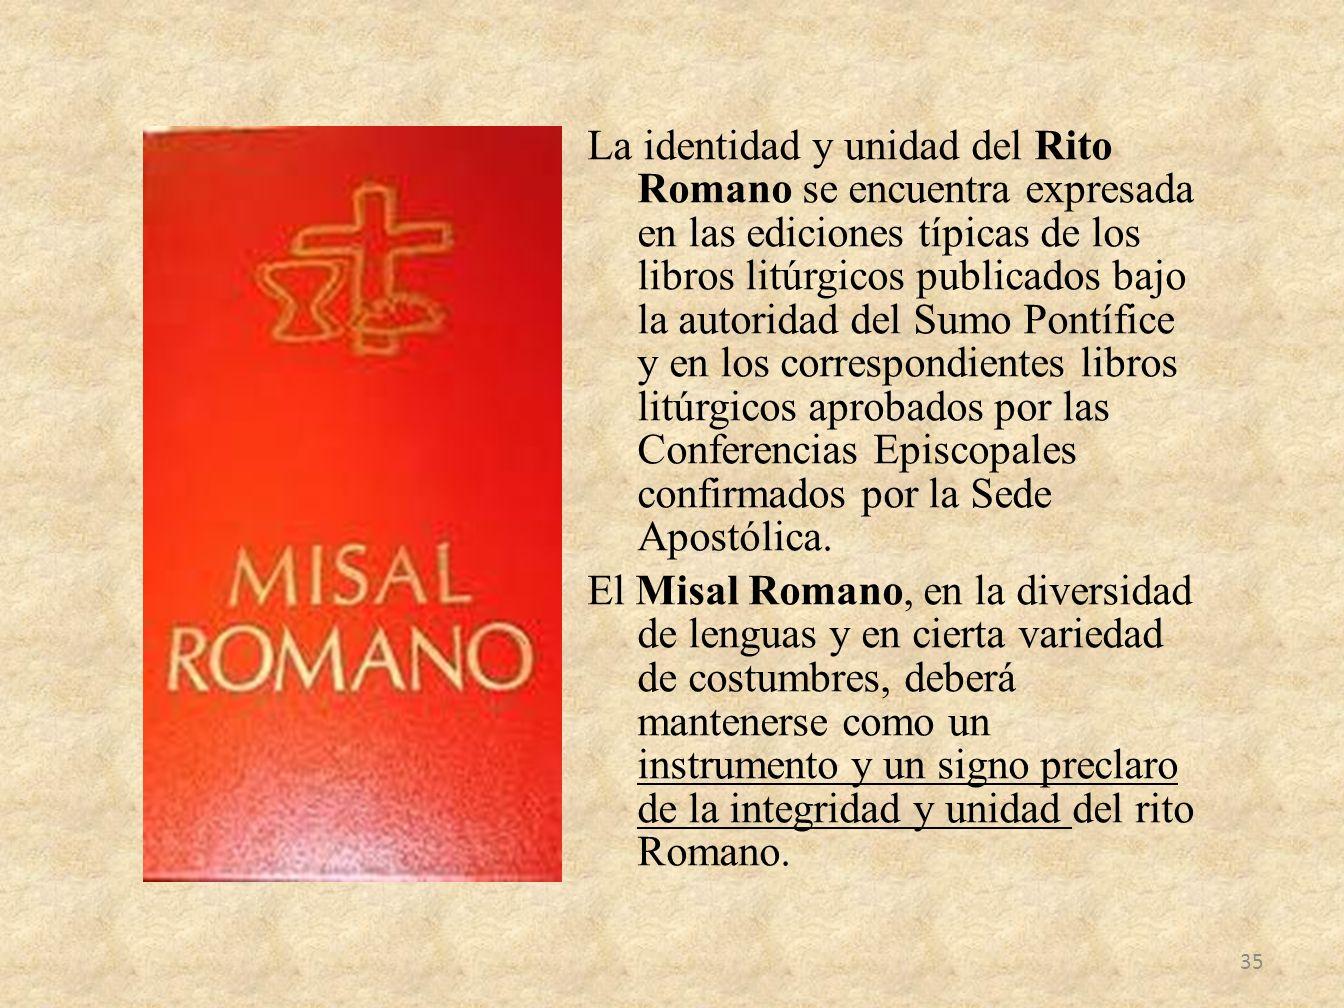 La identidad y unidad del Rito Romano se encuentra expresada en las ediciones típicas de los libros litúrgicos publicados bajo la autoridad del Sumo P